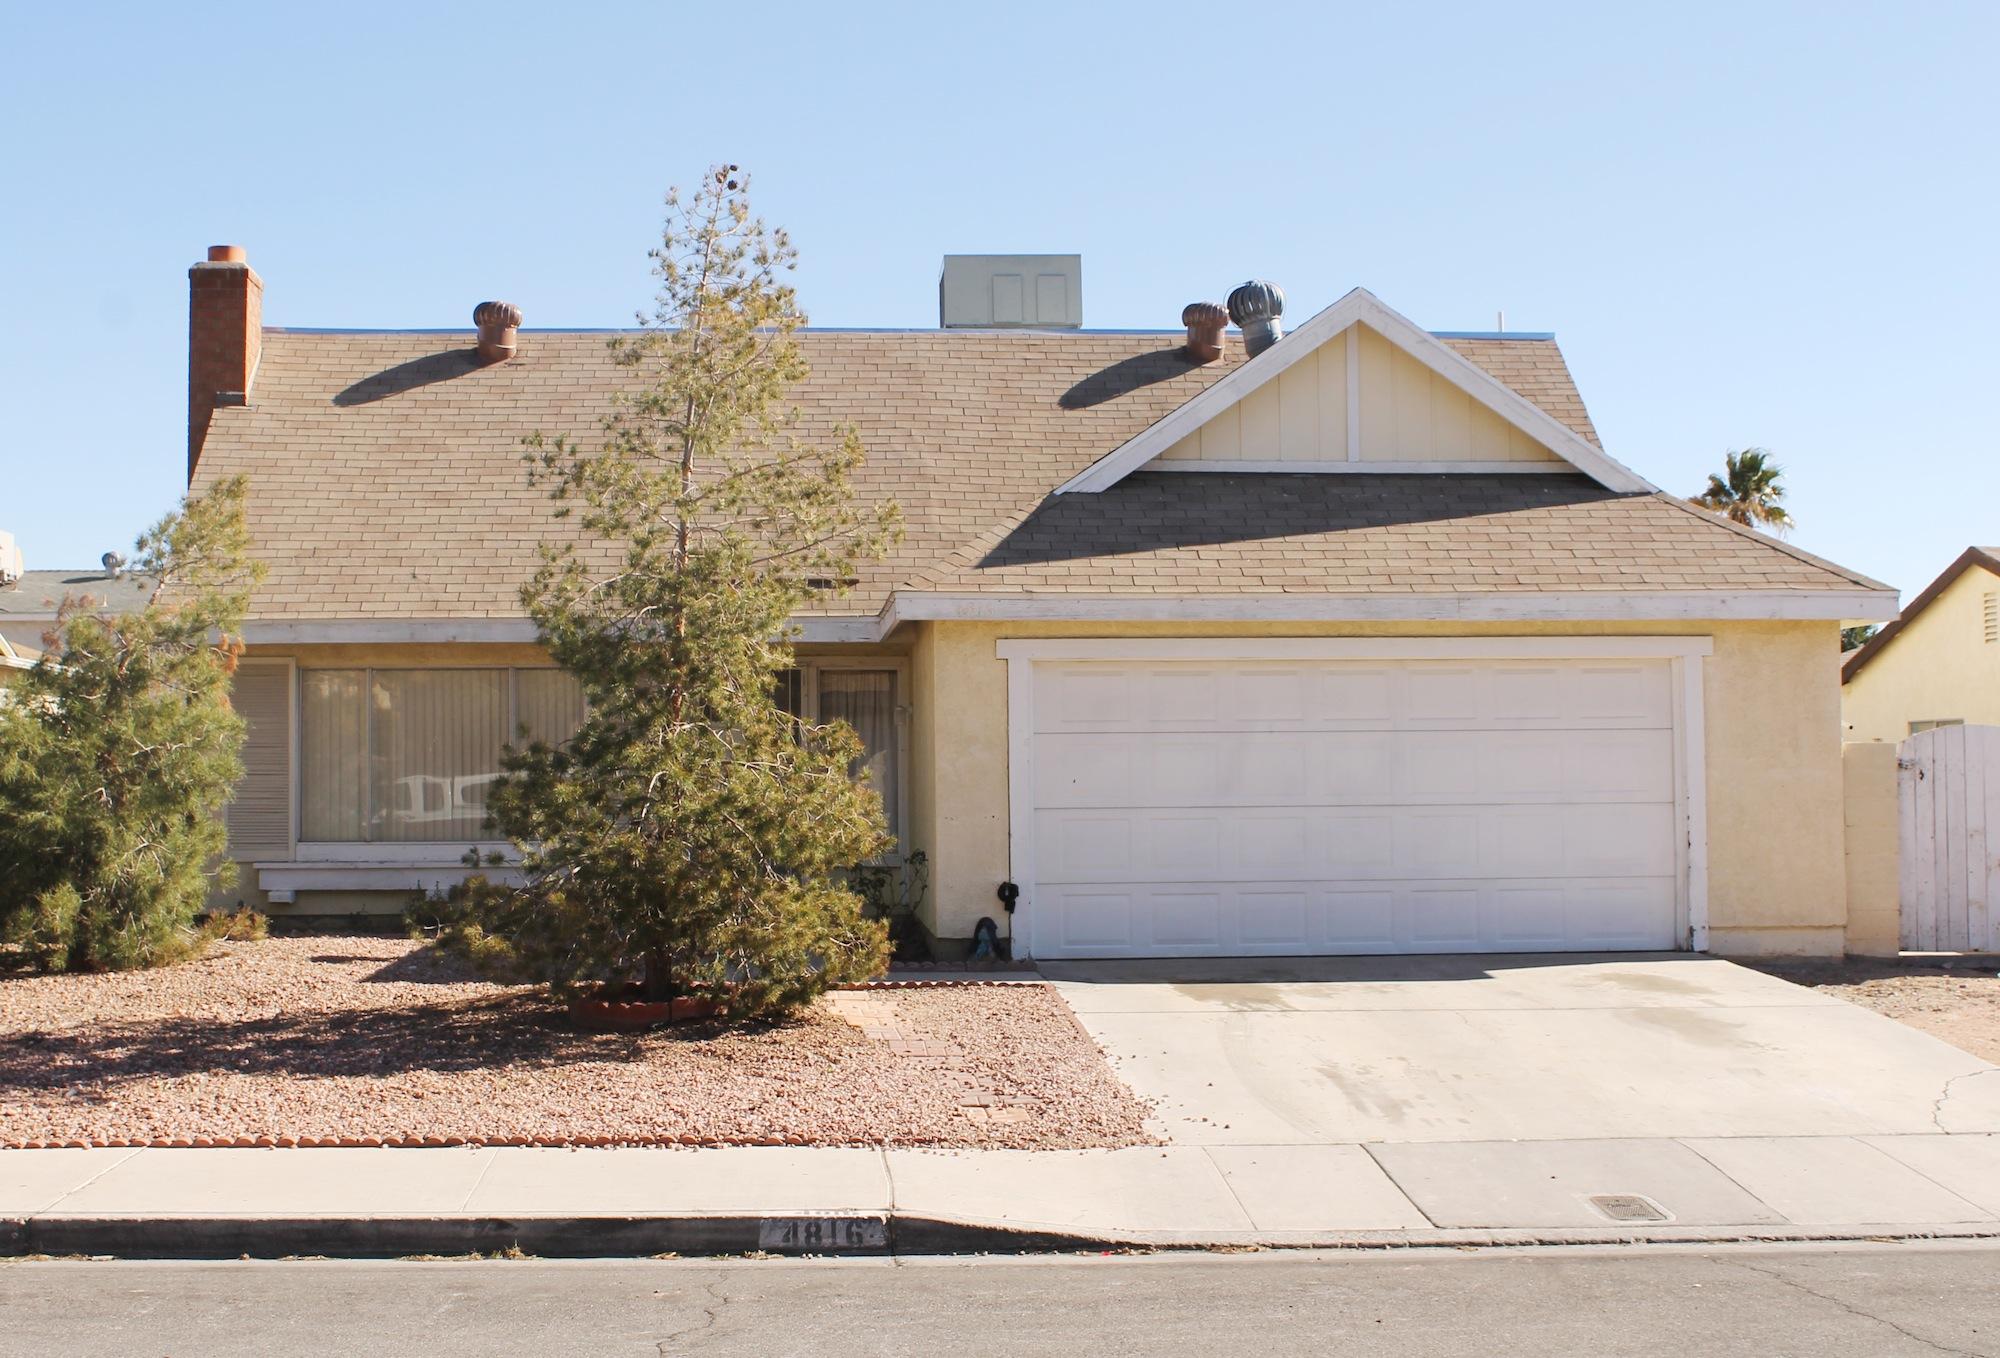 4816 Castle Rock Ct, Las Vegas, NV 89147